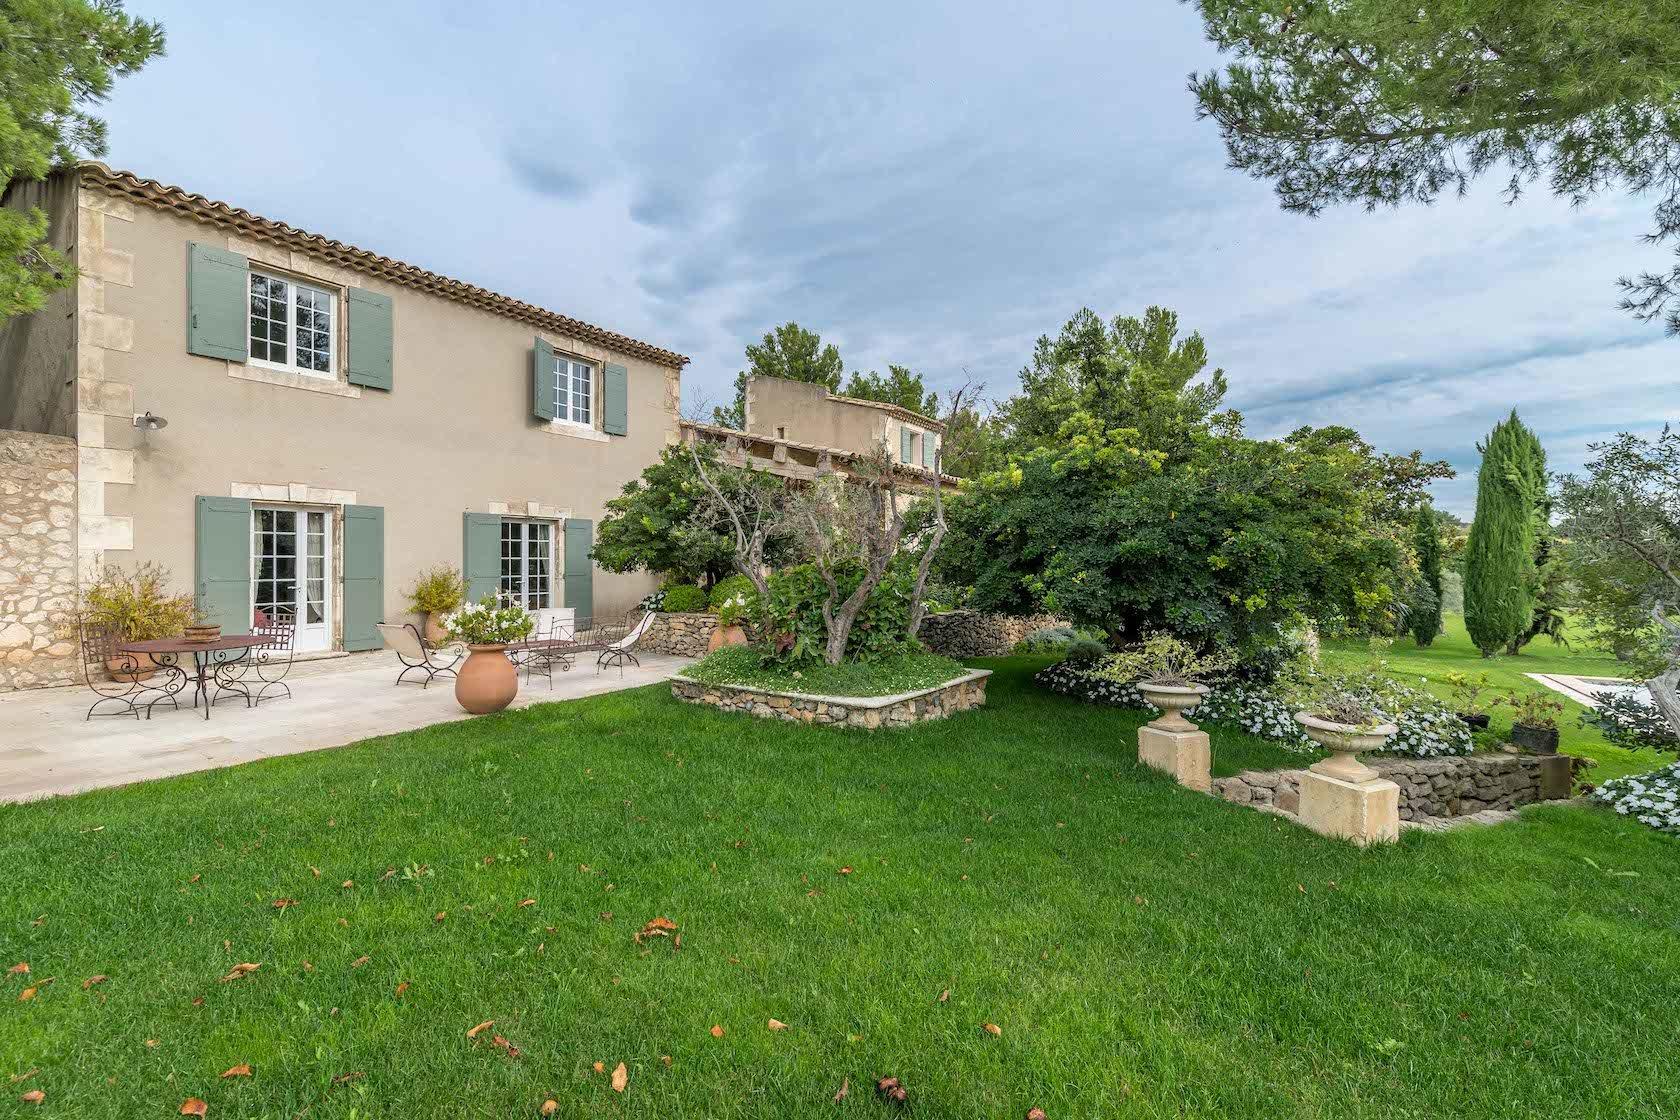 Villas for Sale - A3360936